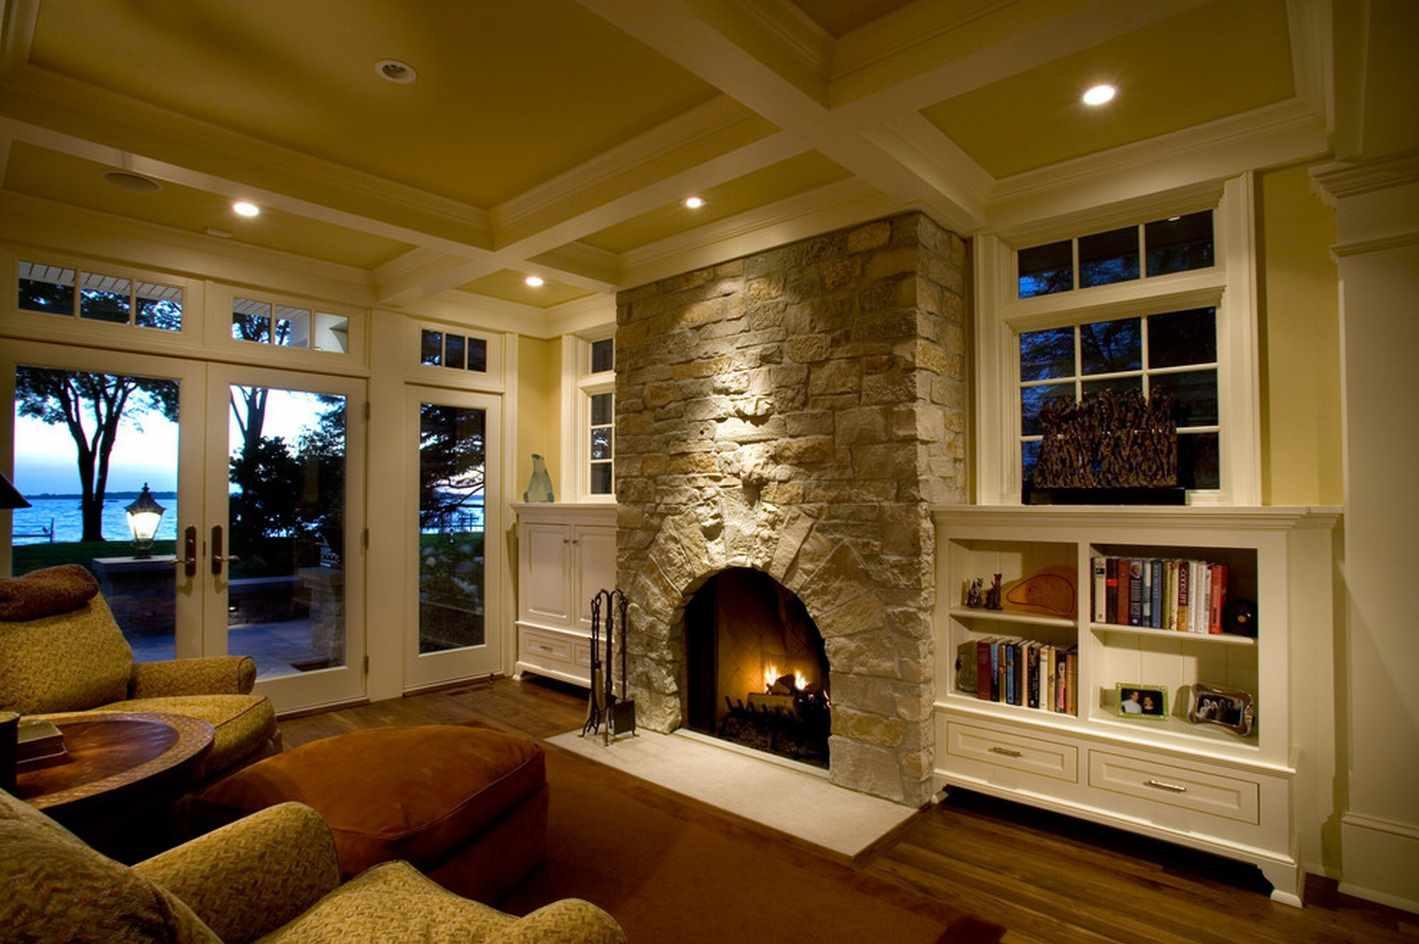 идея использования красивого интерьера гостиной комнаты с камином